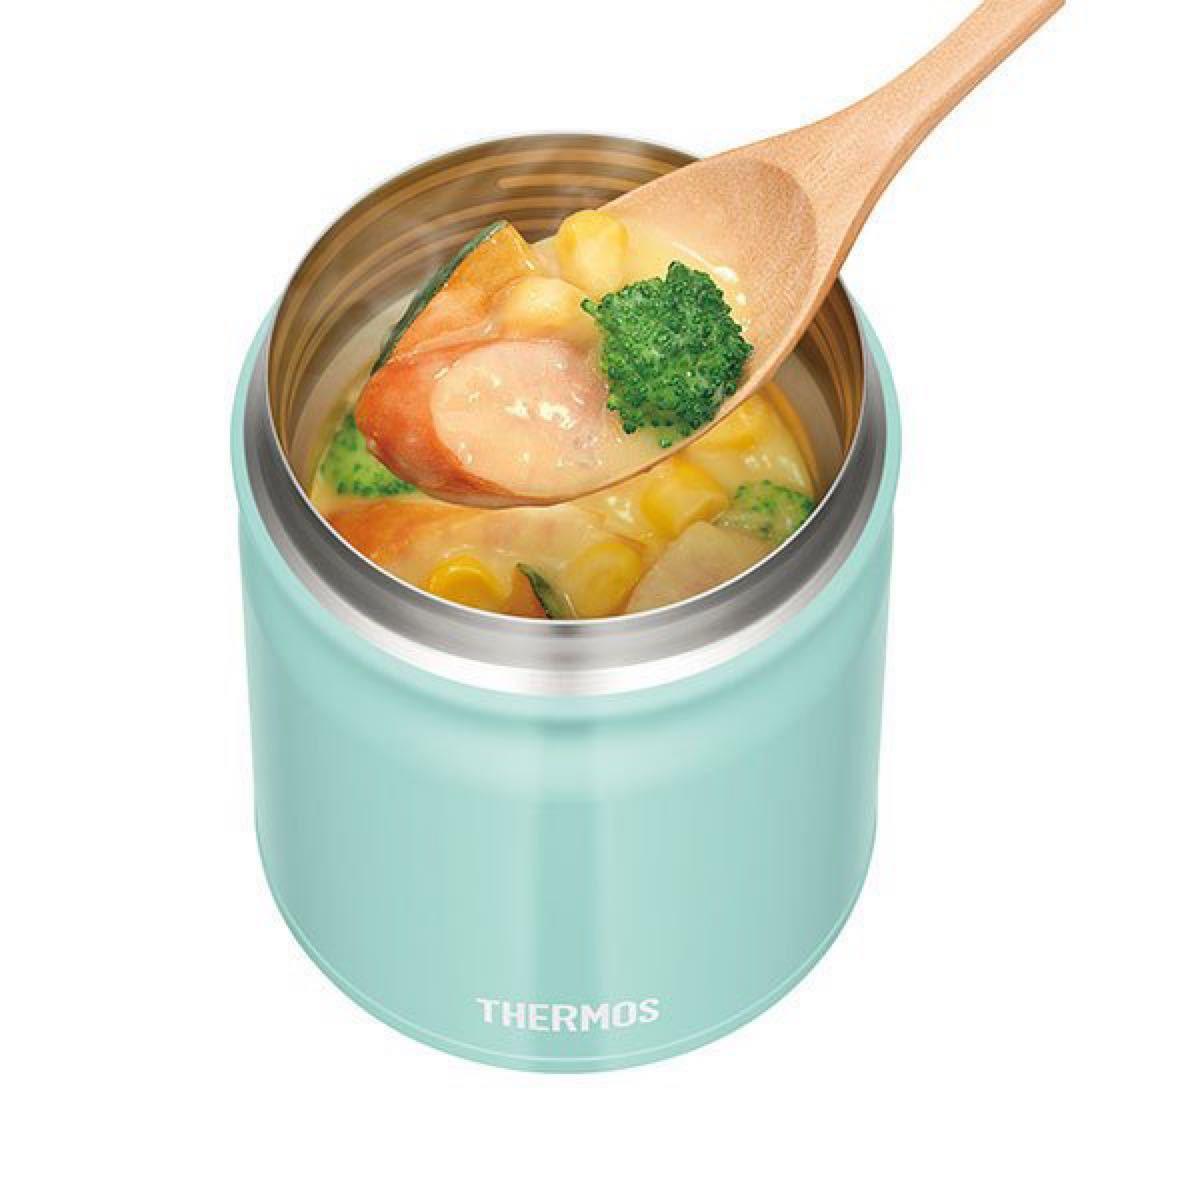 サーモス 真空断熱スープジャー JBT-300 ライトブルー、スープジャーポーチ、スプーン・ハシセット 3点セット 未使用新品